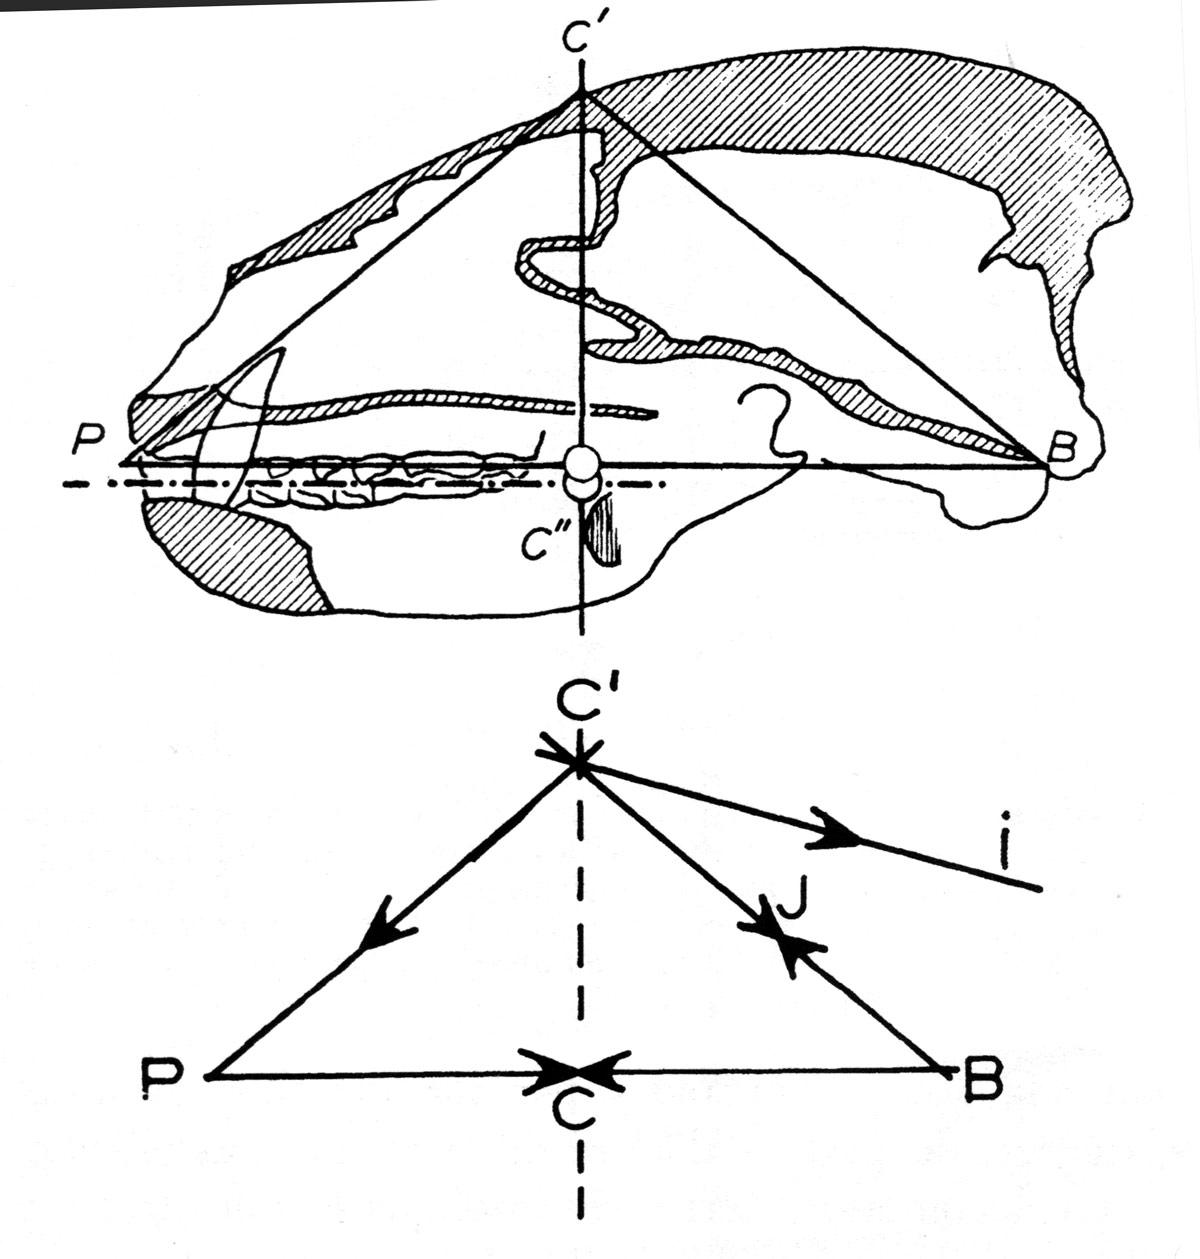 Fig. 9. Analyse des tracés du crâne du blaireau. Pour la simplification du tracé, le compas jugal n'est présent que dans les figures 5 et 7. La direction des vecteurs des différentes forces concourantes est marquée par des flèches. Tracé de suspension : noter l'équilibre des concourantes par paires P-C'et C'-I sur le tracé de tensions ; P-C et C-B, sur le tracé de compression. Le centre C correspond à la fois au point d'annulation des efforts le long de P-B et au passage de la résultante des forces du tracé P-C'-I. le point I correspond à l'annulation des efforts sur C'-B et peut marquer la région de flexures plano-cliviennes (LG, fig. 4).